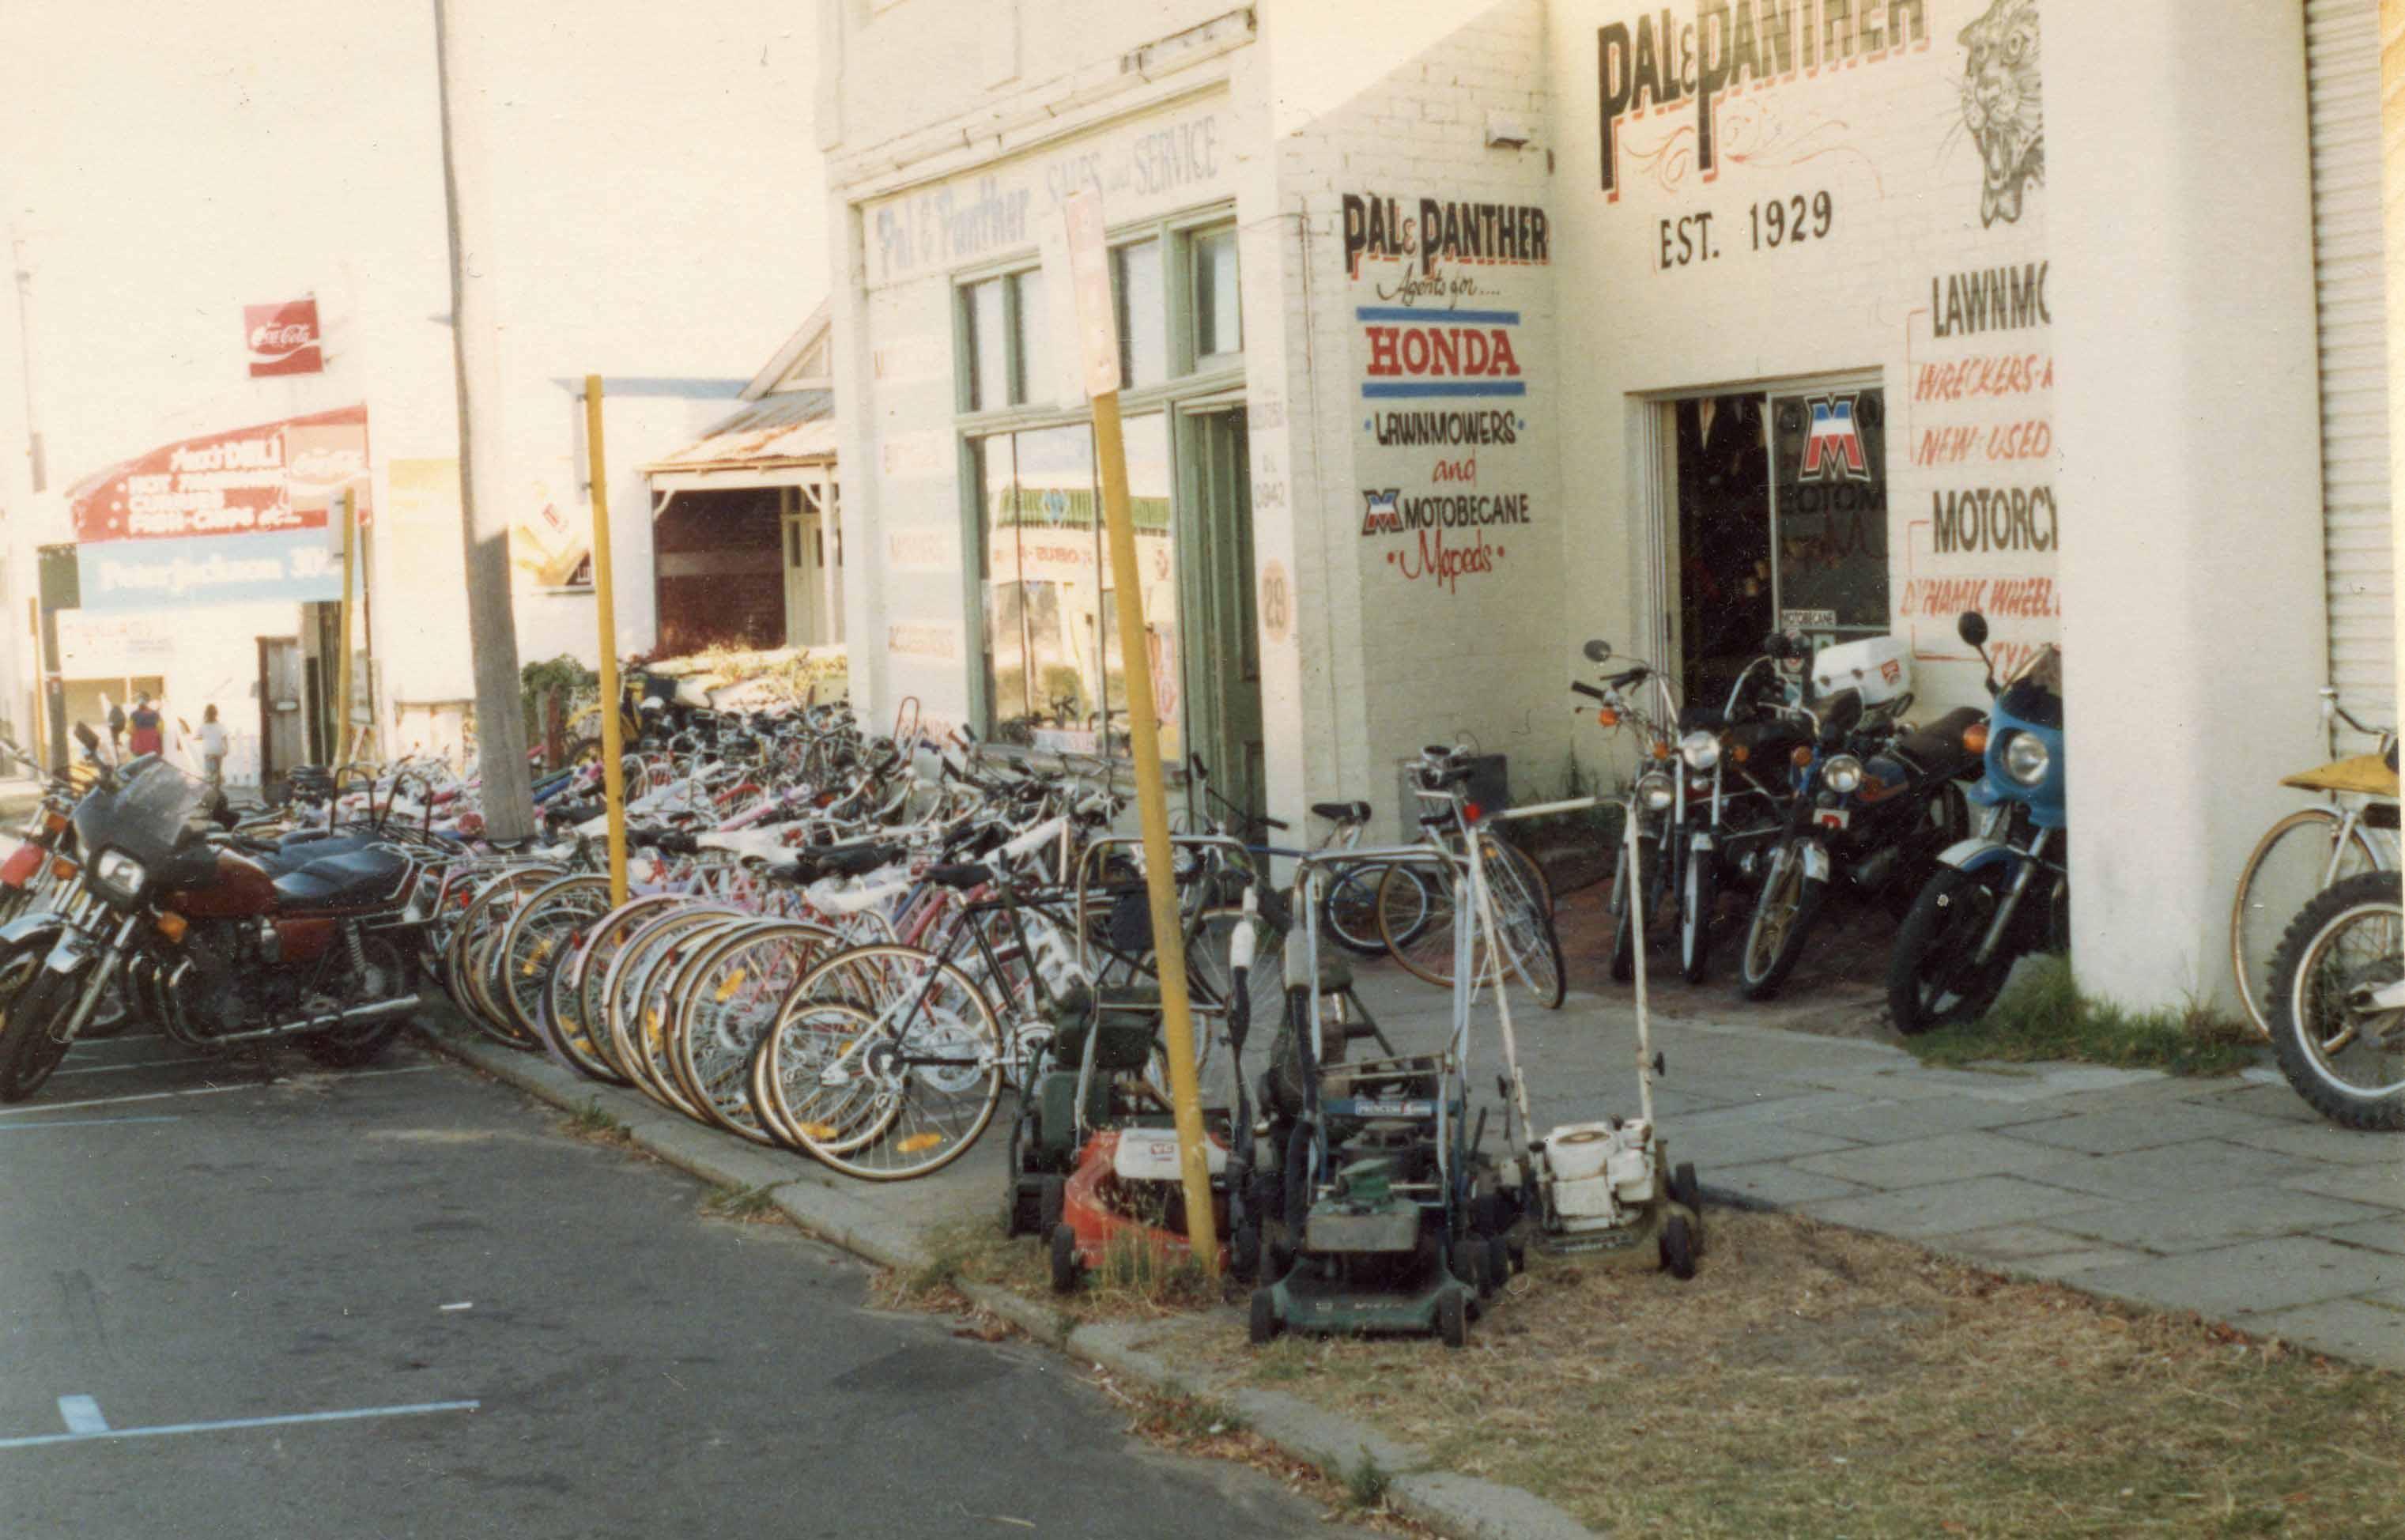 155. Pal & Panther, 1986